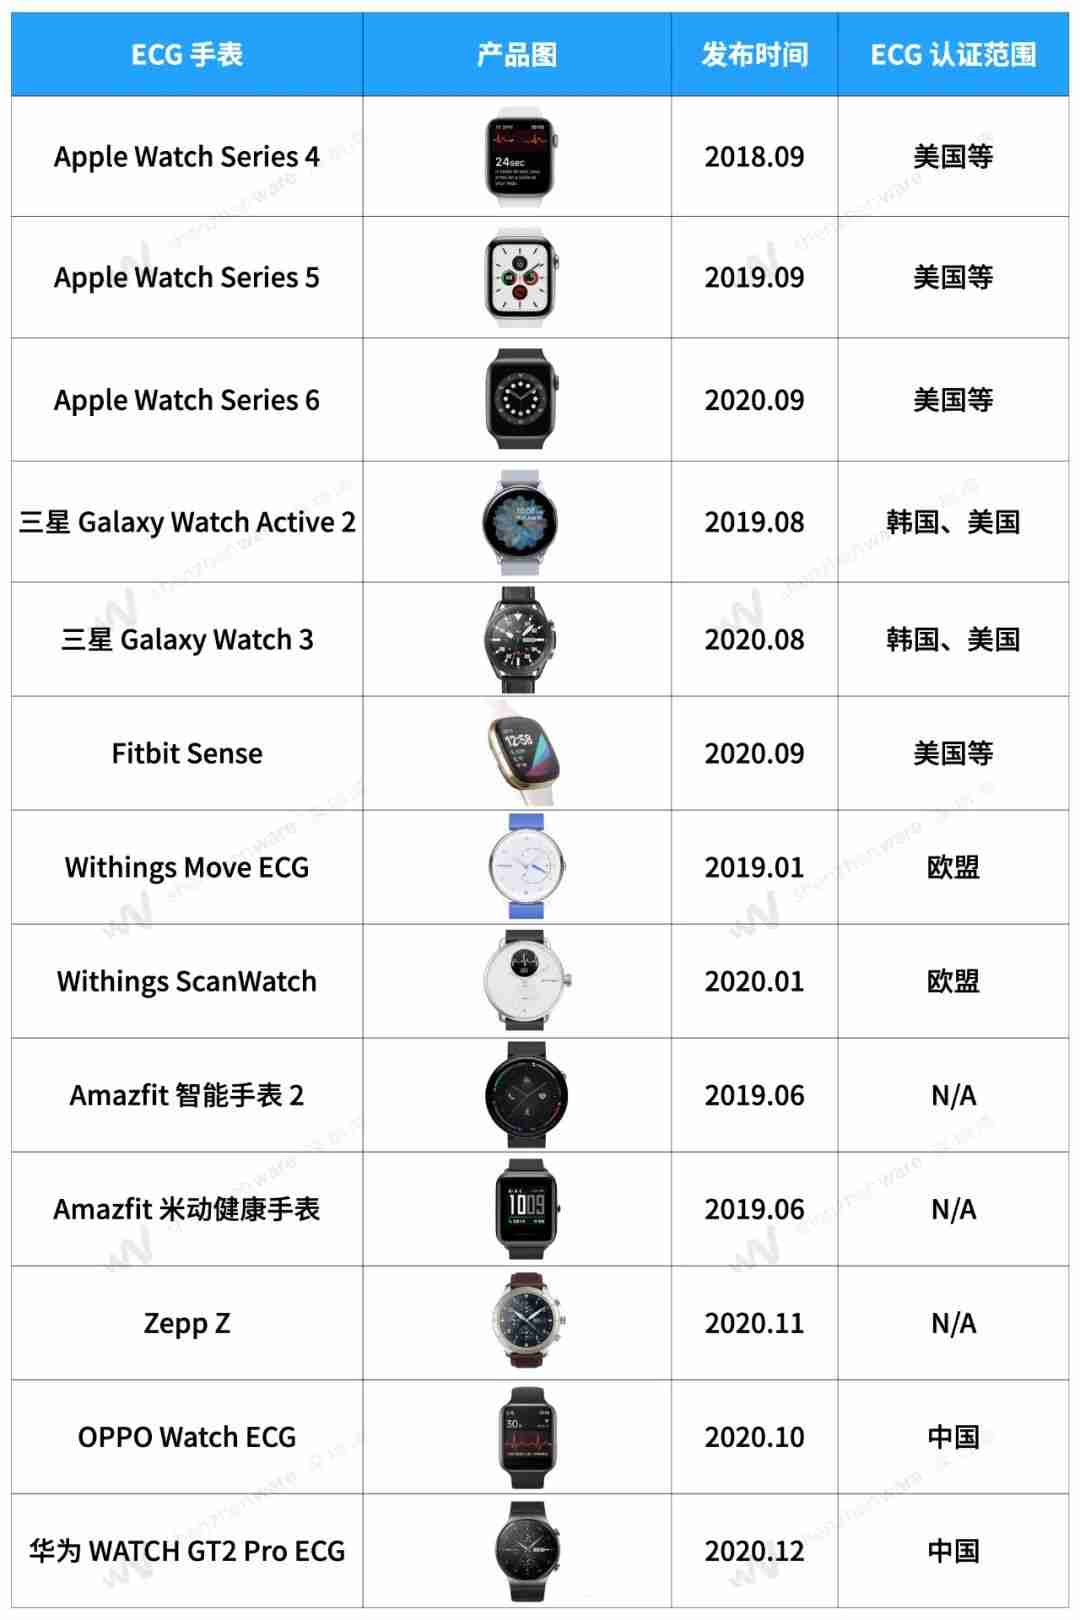 4-我们盘点了 13 款能测心电图的智能手表